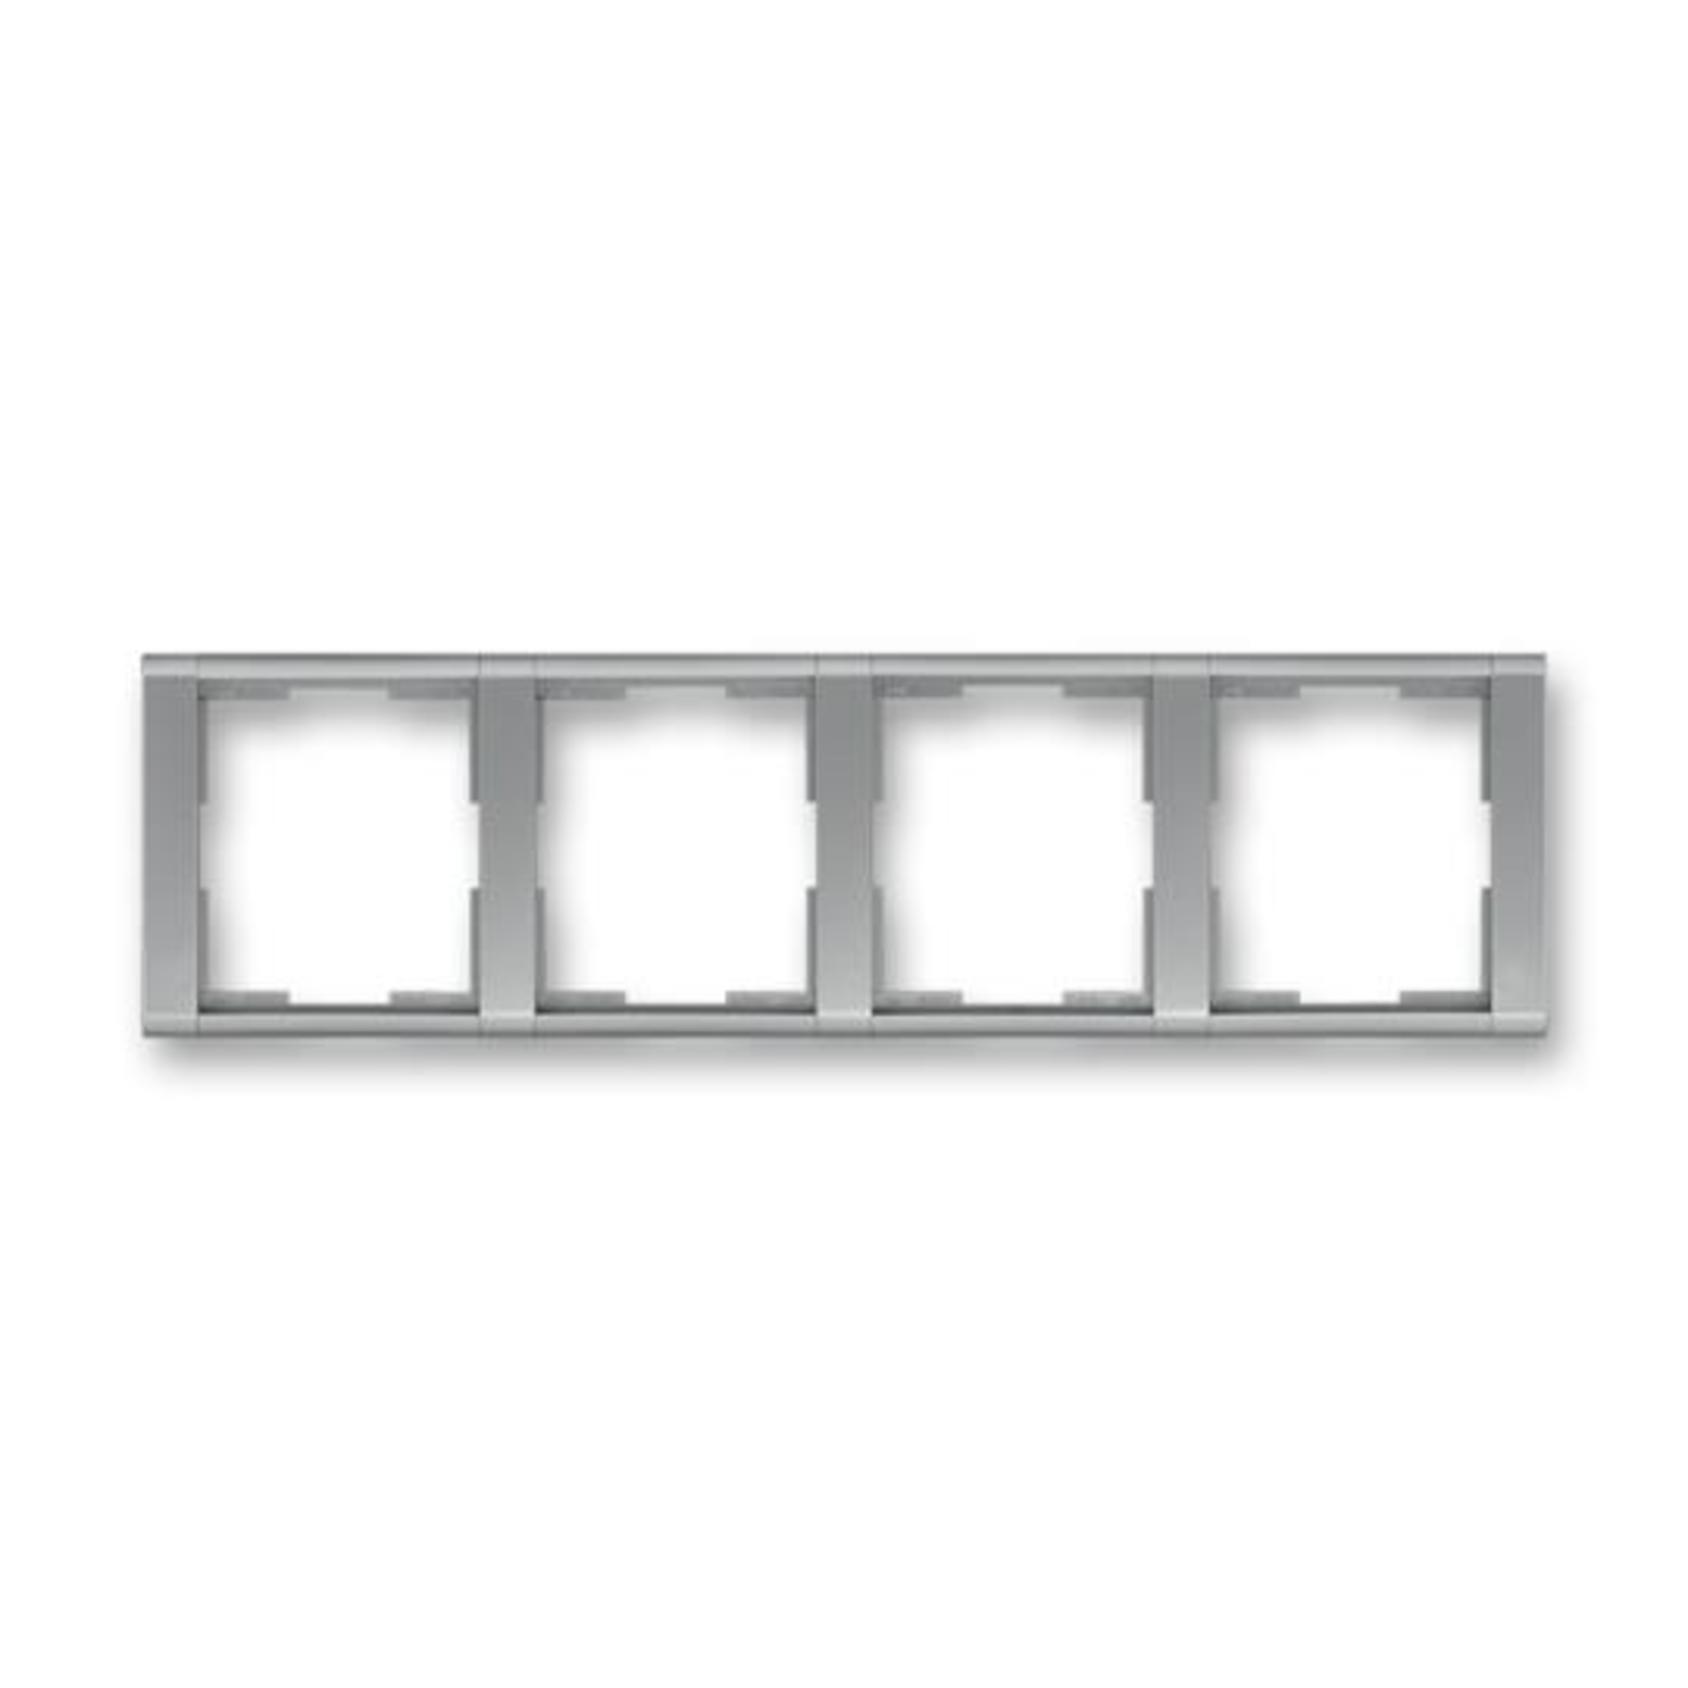 ABB 3901F-A00140 36 Time Rámeček čtyřnásobný, vodorovný